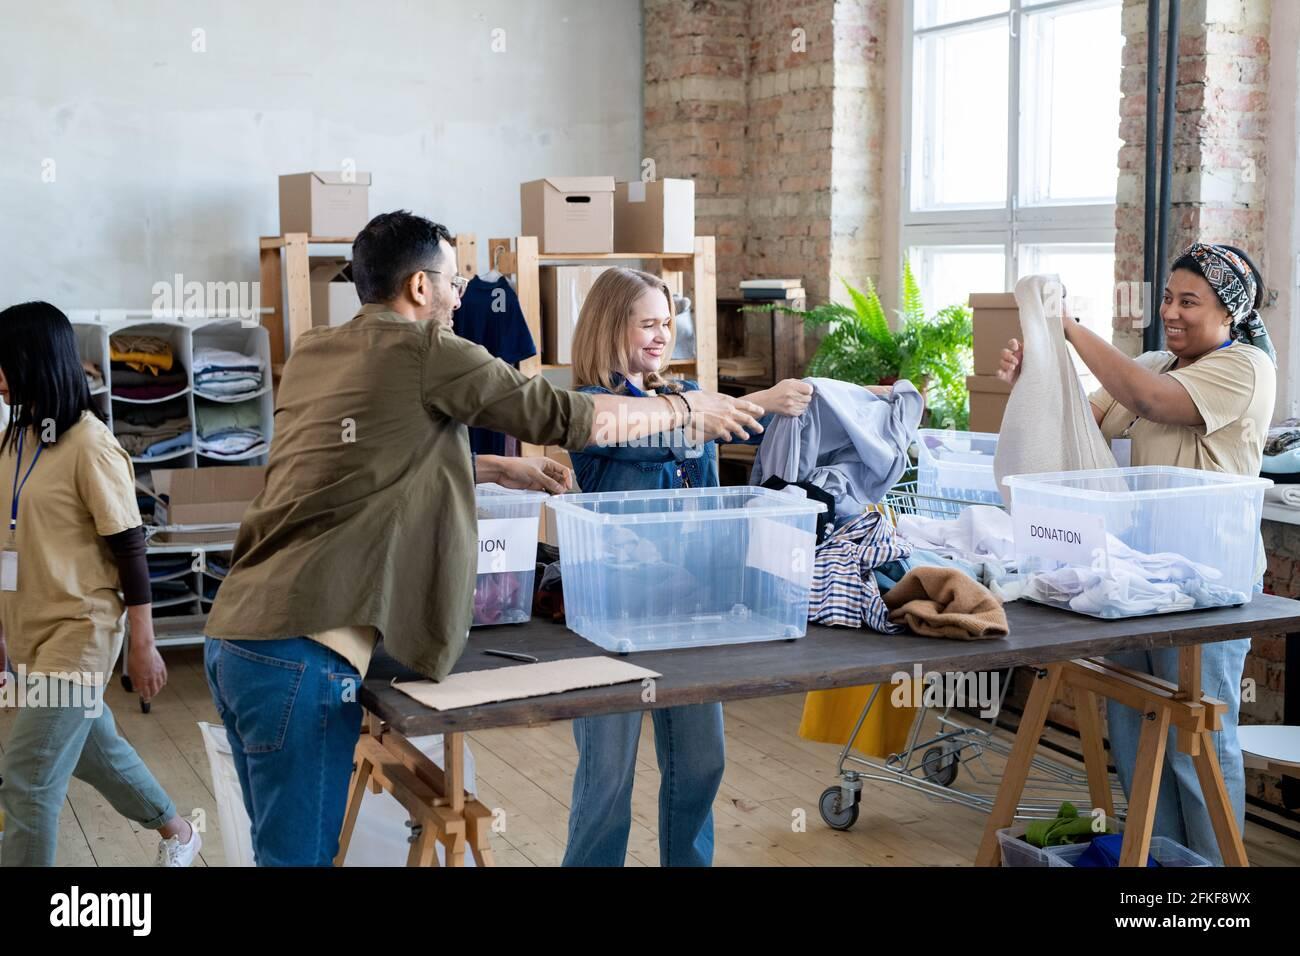 Les femmes heureuses choisissent des vêtements de don dans des récipients sur la table Banque D'Images